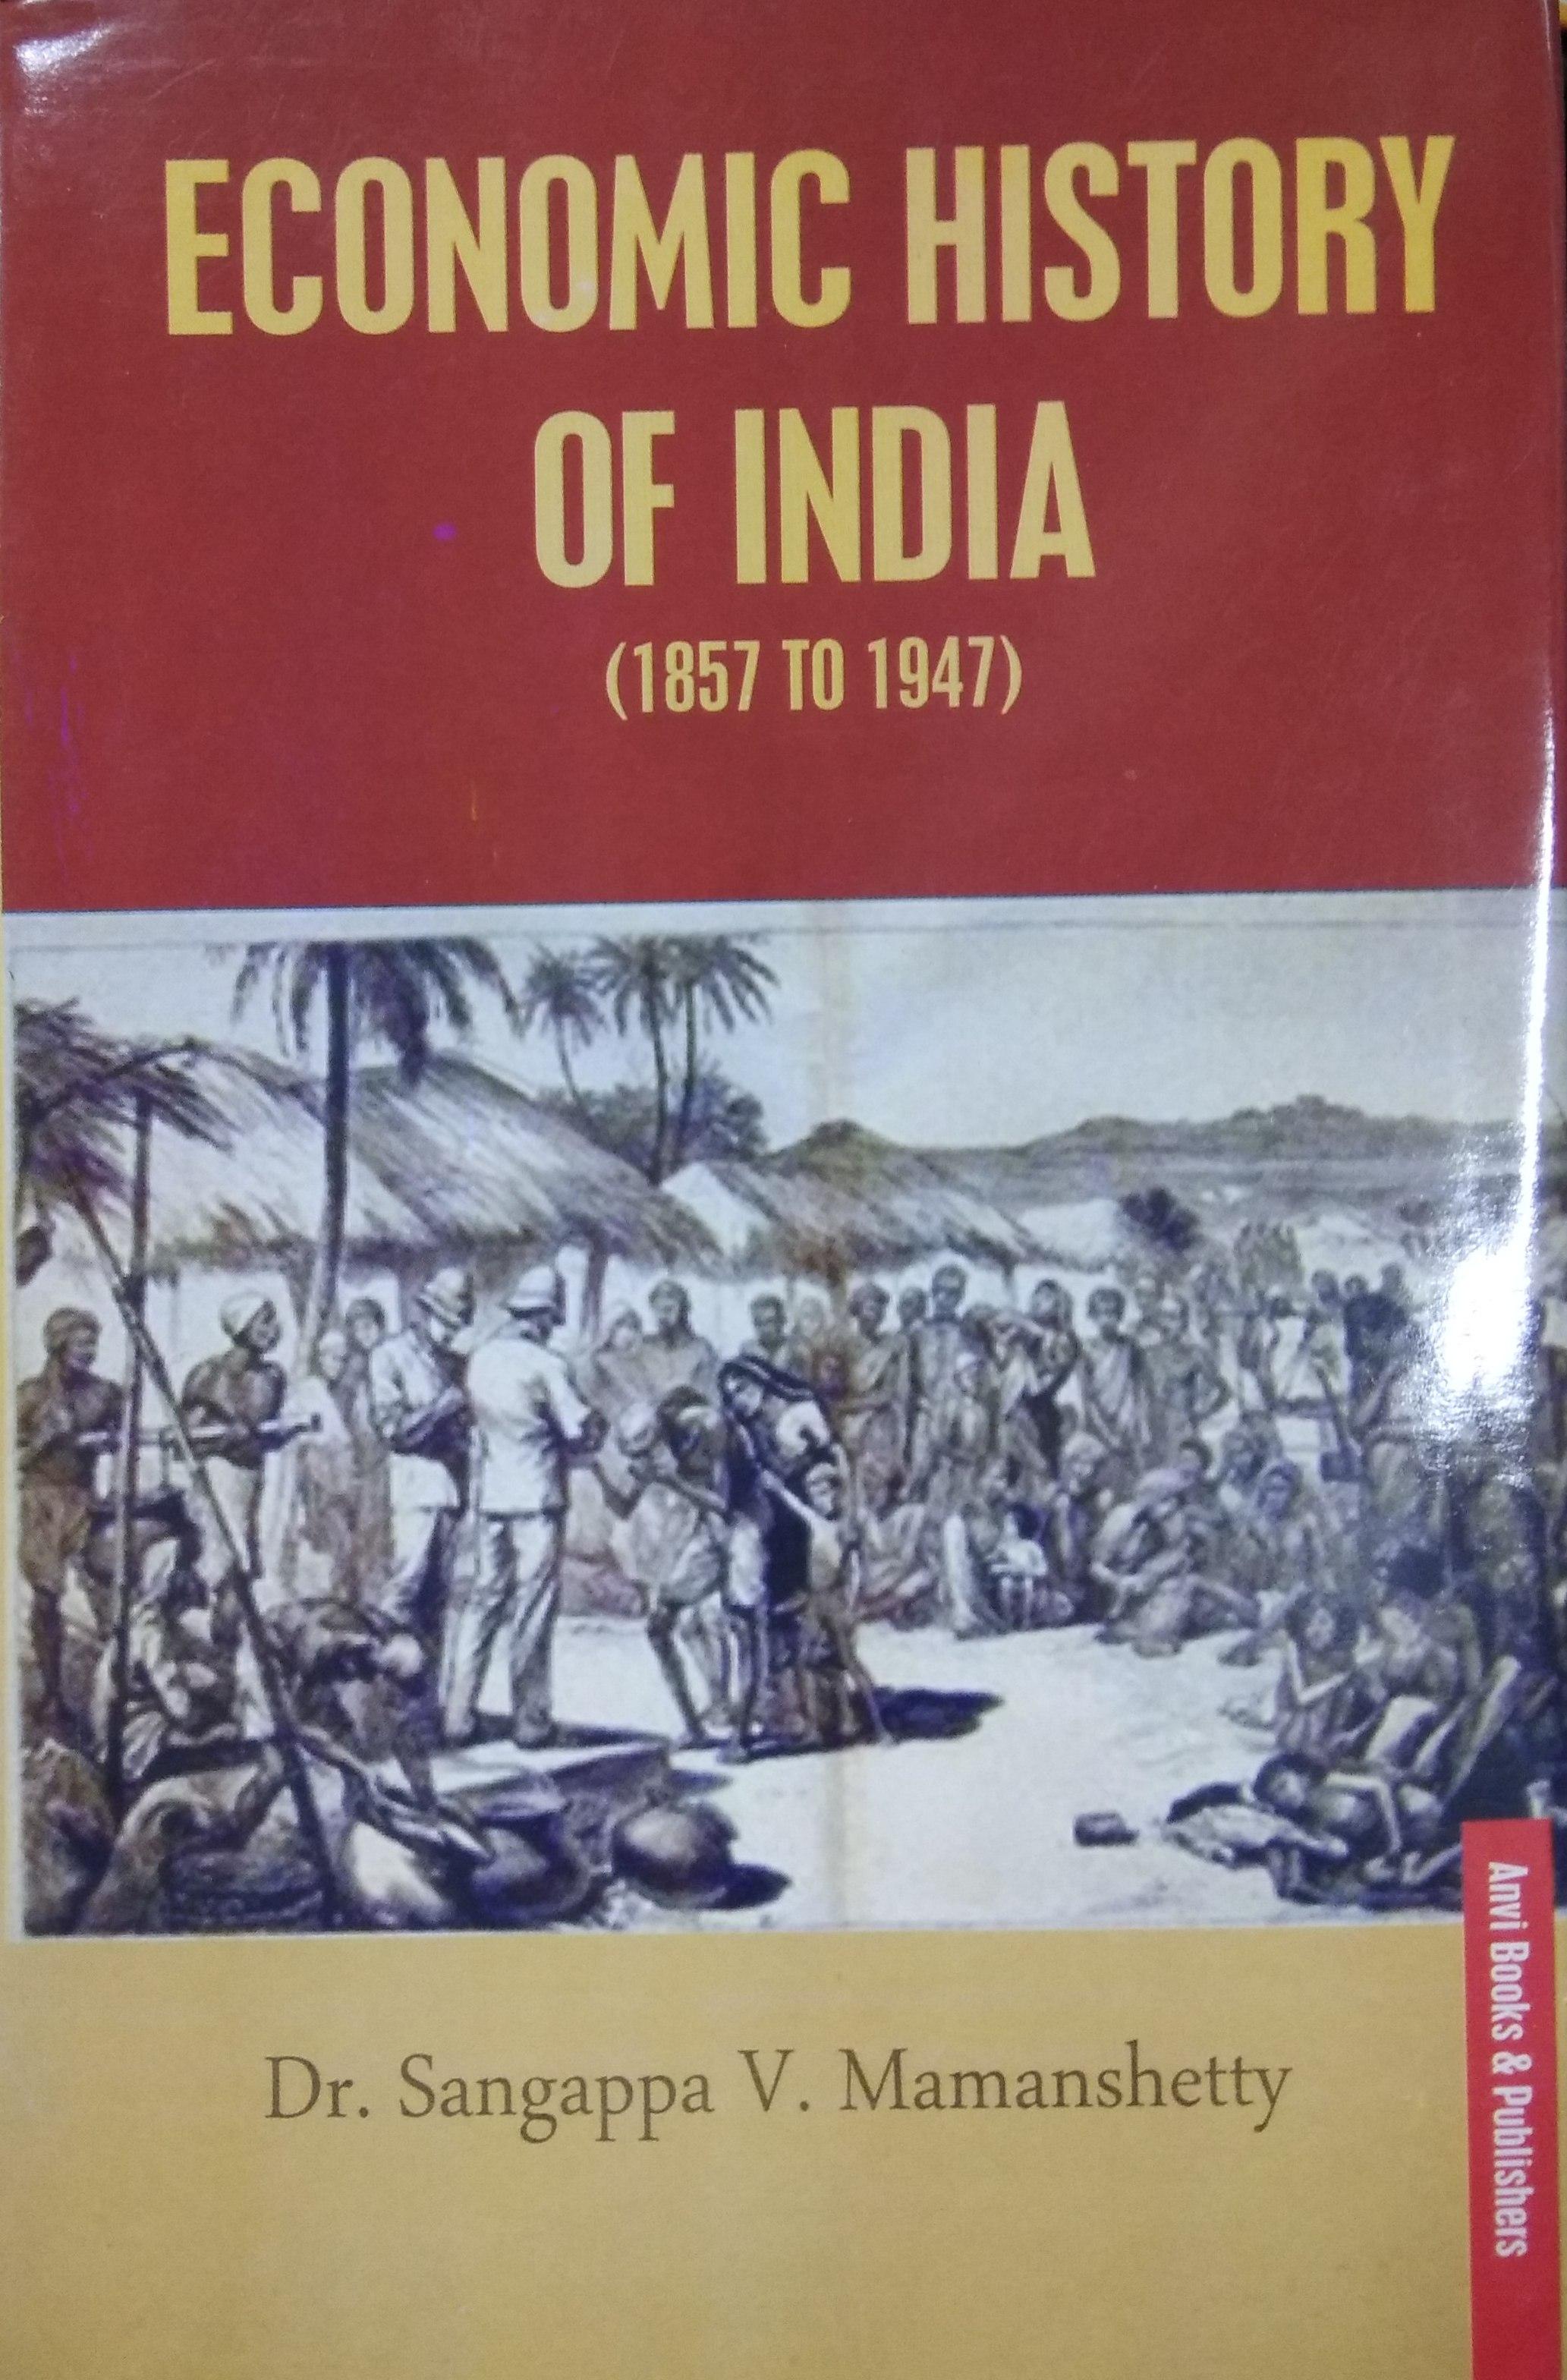 Economic History of India (1857 To 1947)